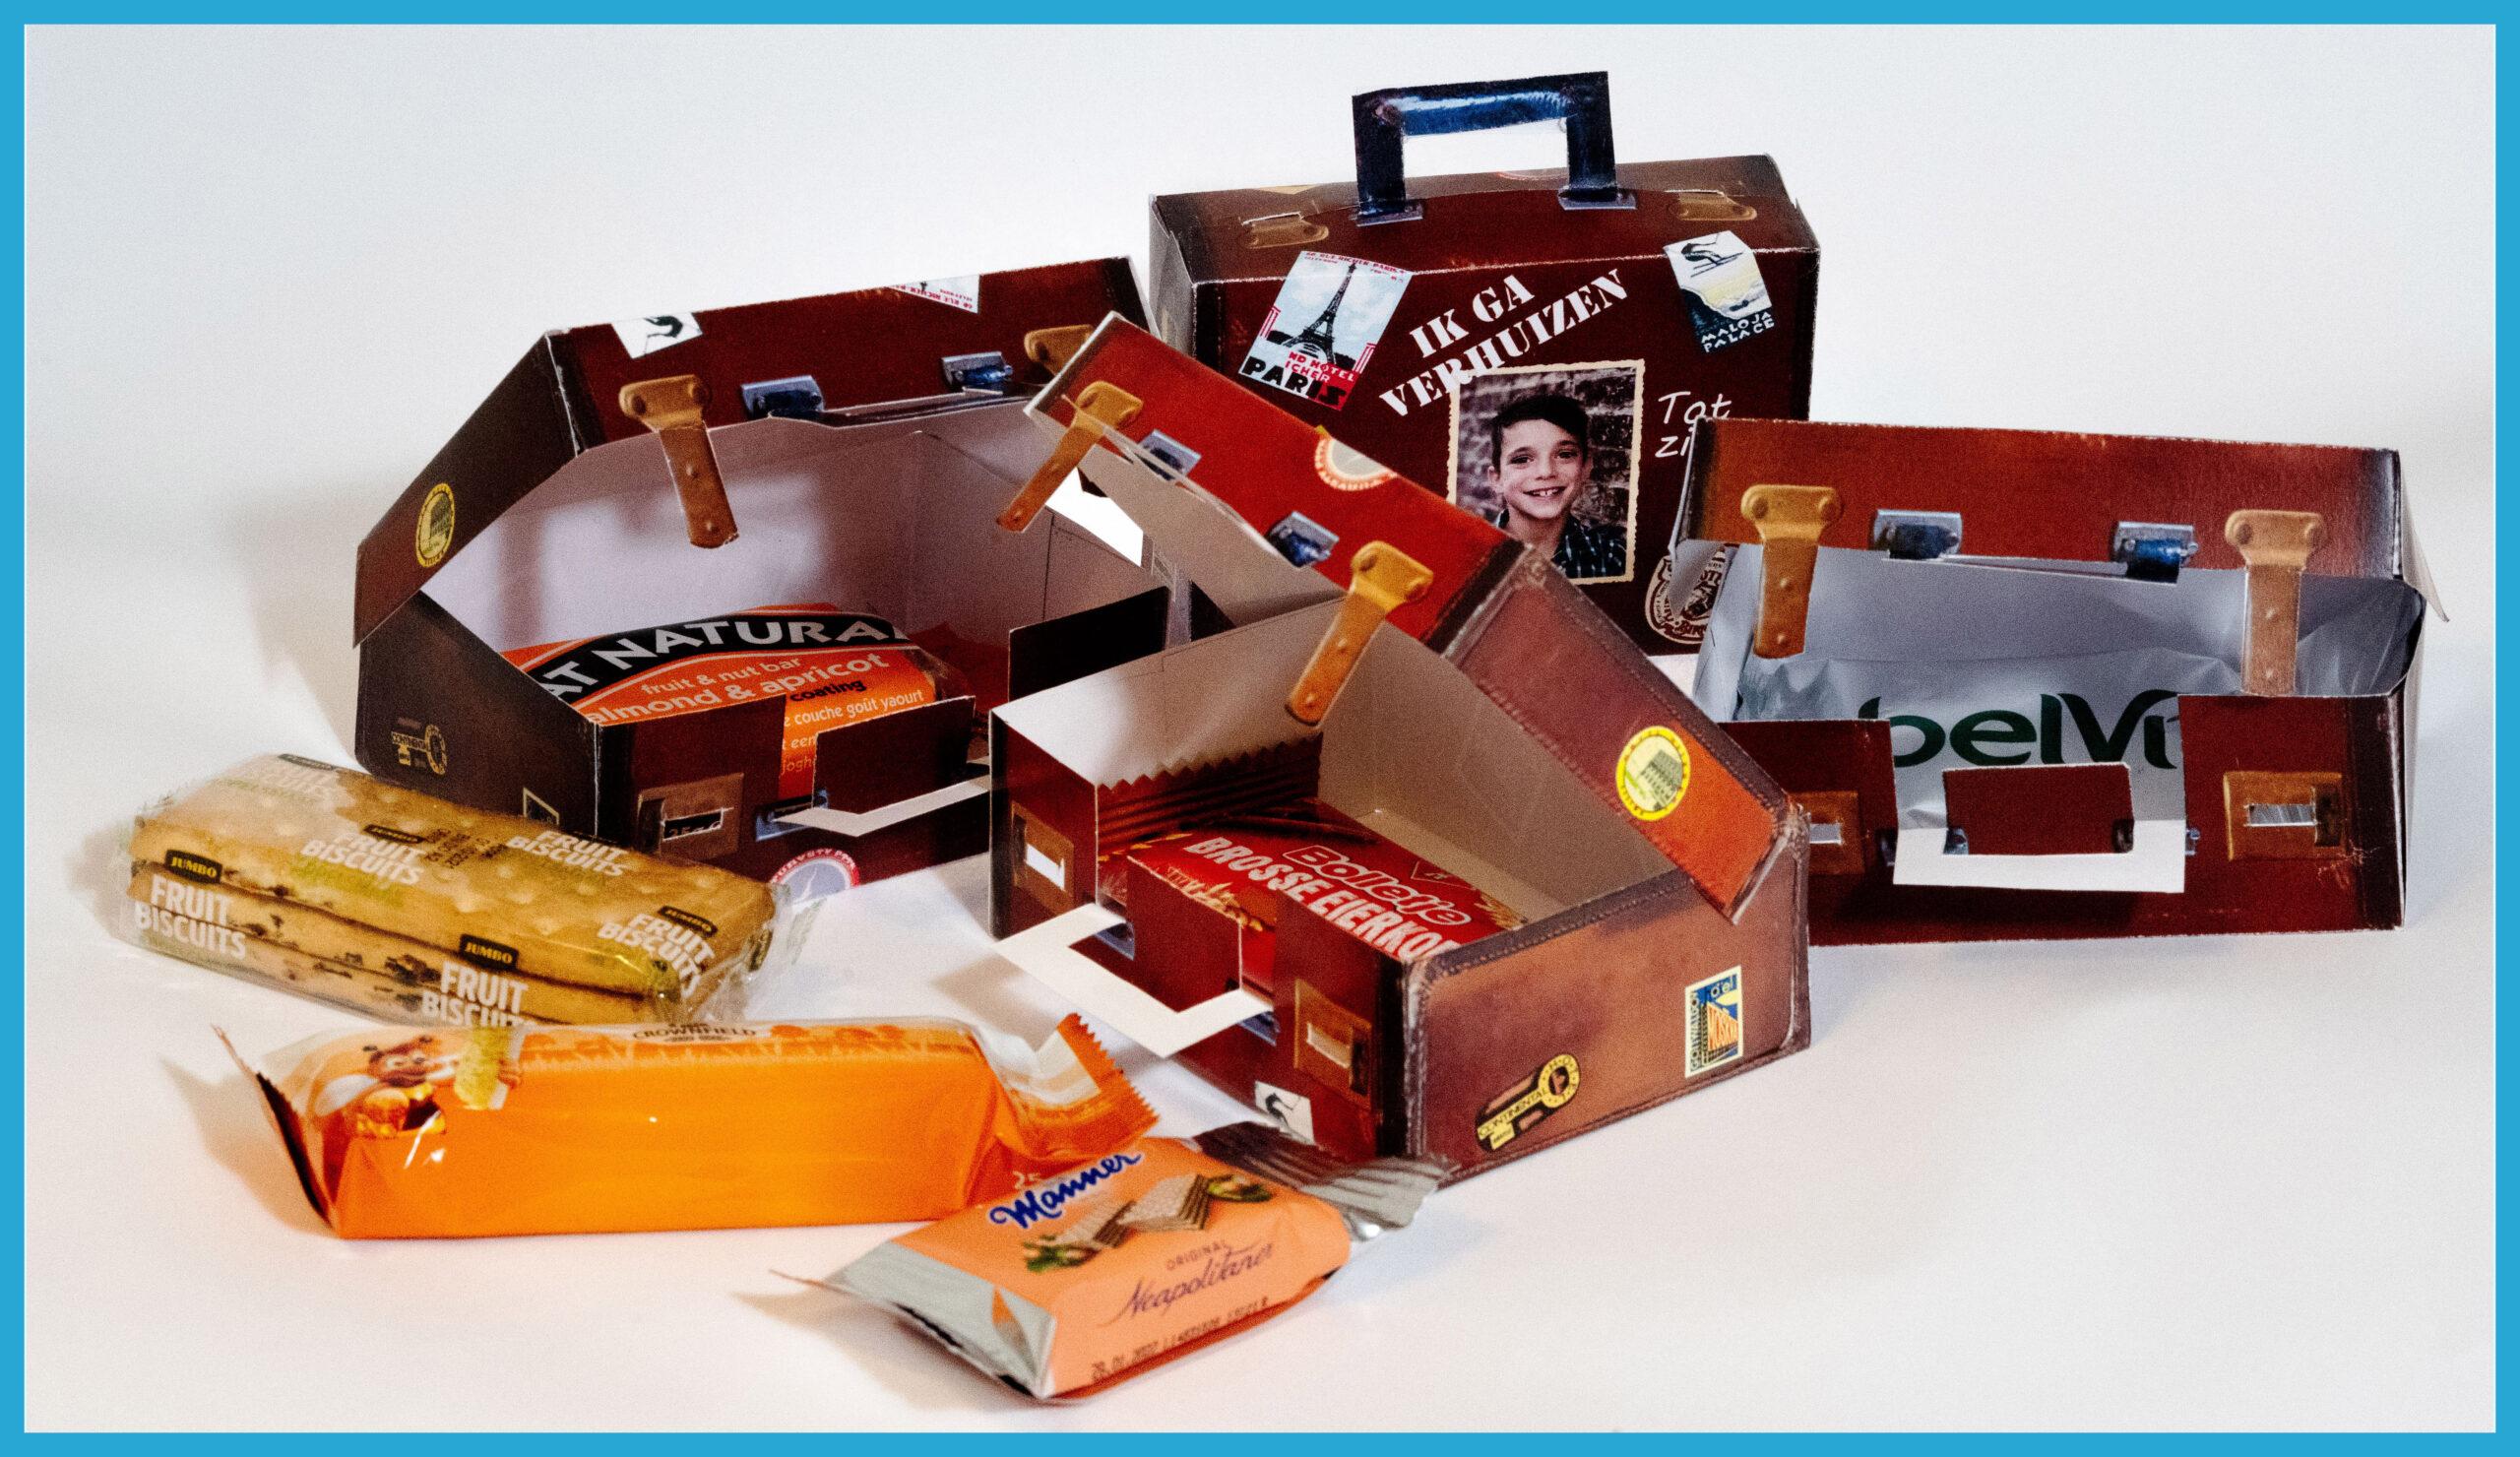 verhuistraktatie Vintage koffertje met stickers met voorverpakte traktatie